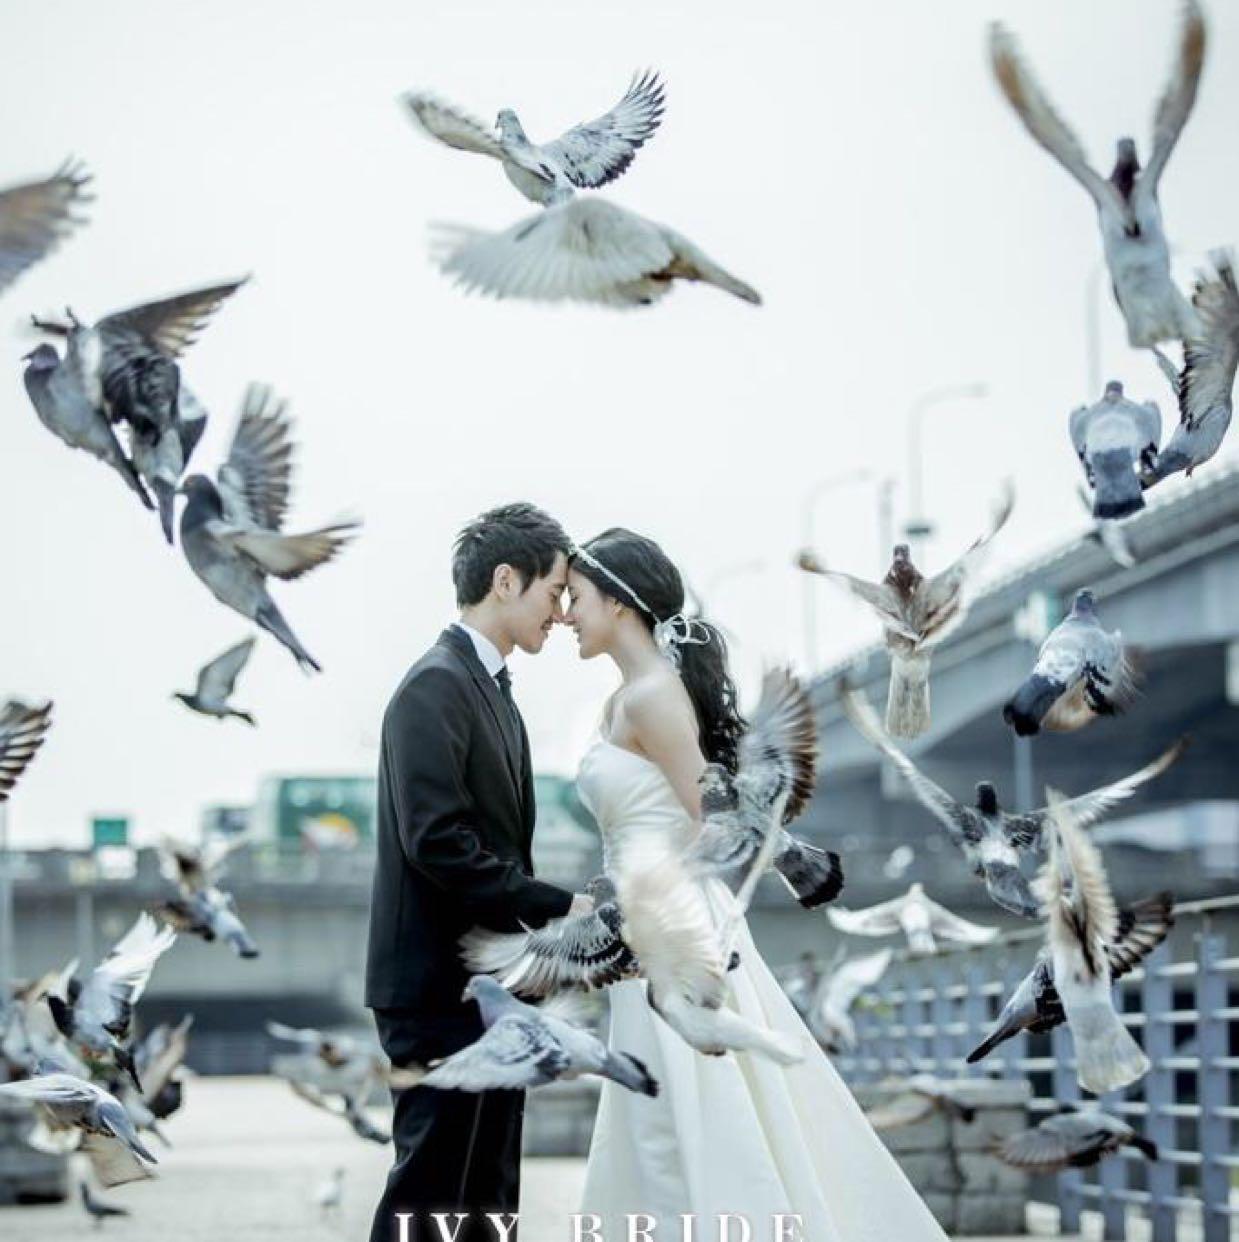 IVY BRIDE